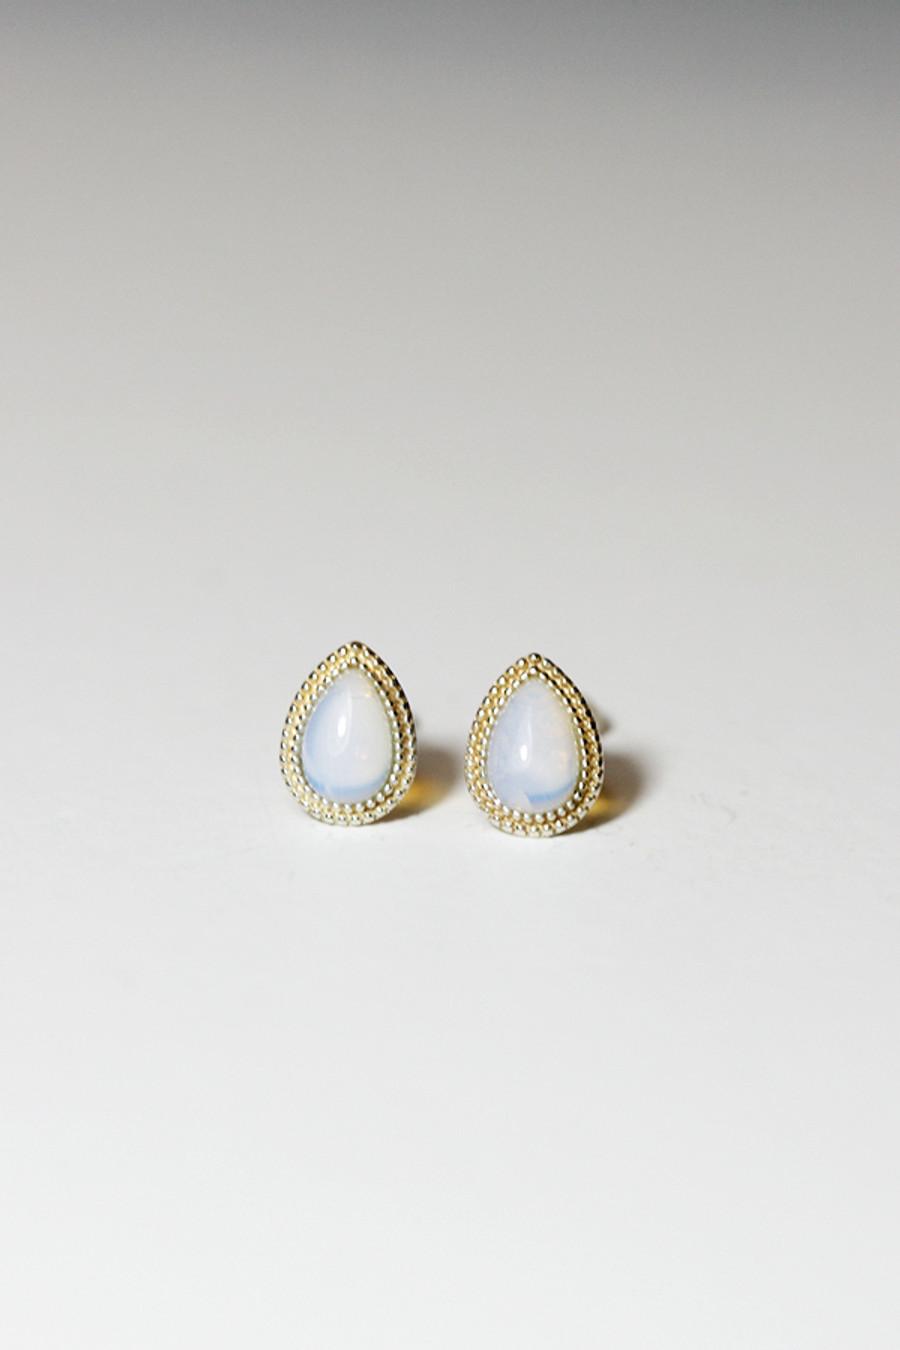 Sterling Silver Small Teardrop Opal Stud Earrings from kellinsilver.com